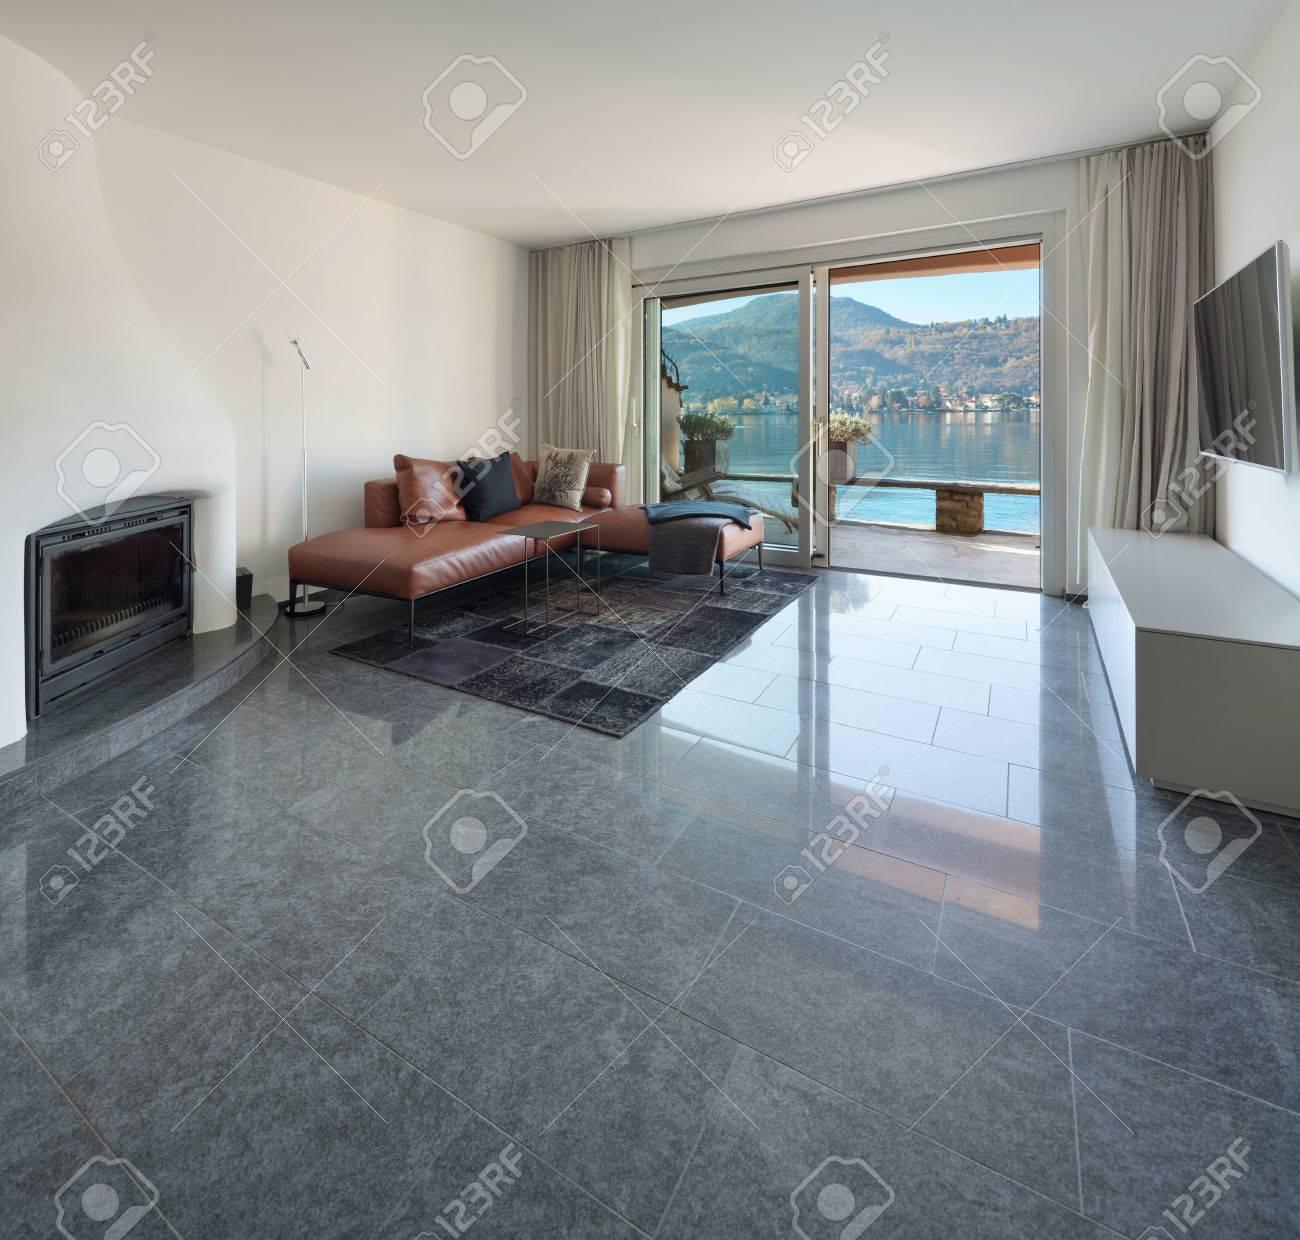 Interieur Des Hauses, Modernen Wohnraum, Marmorfußboden Lizenzfreie ...